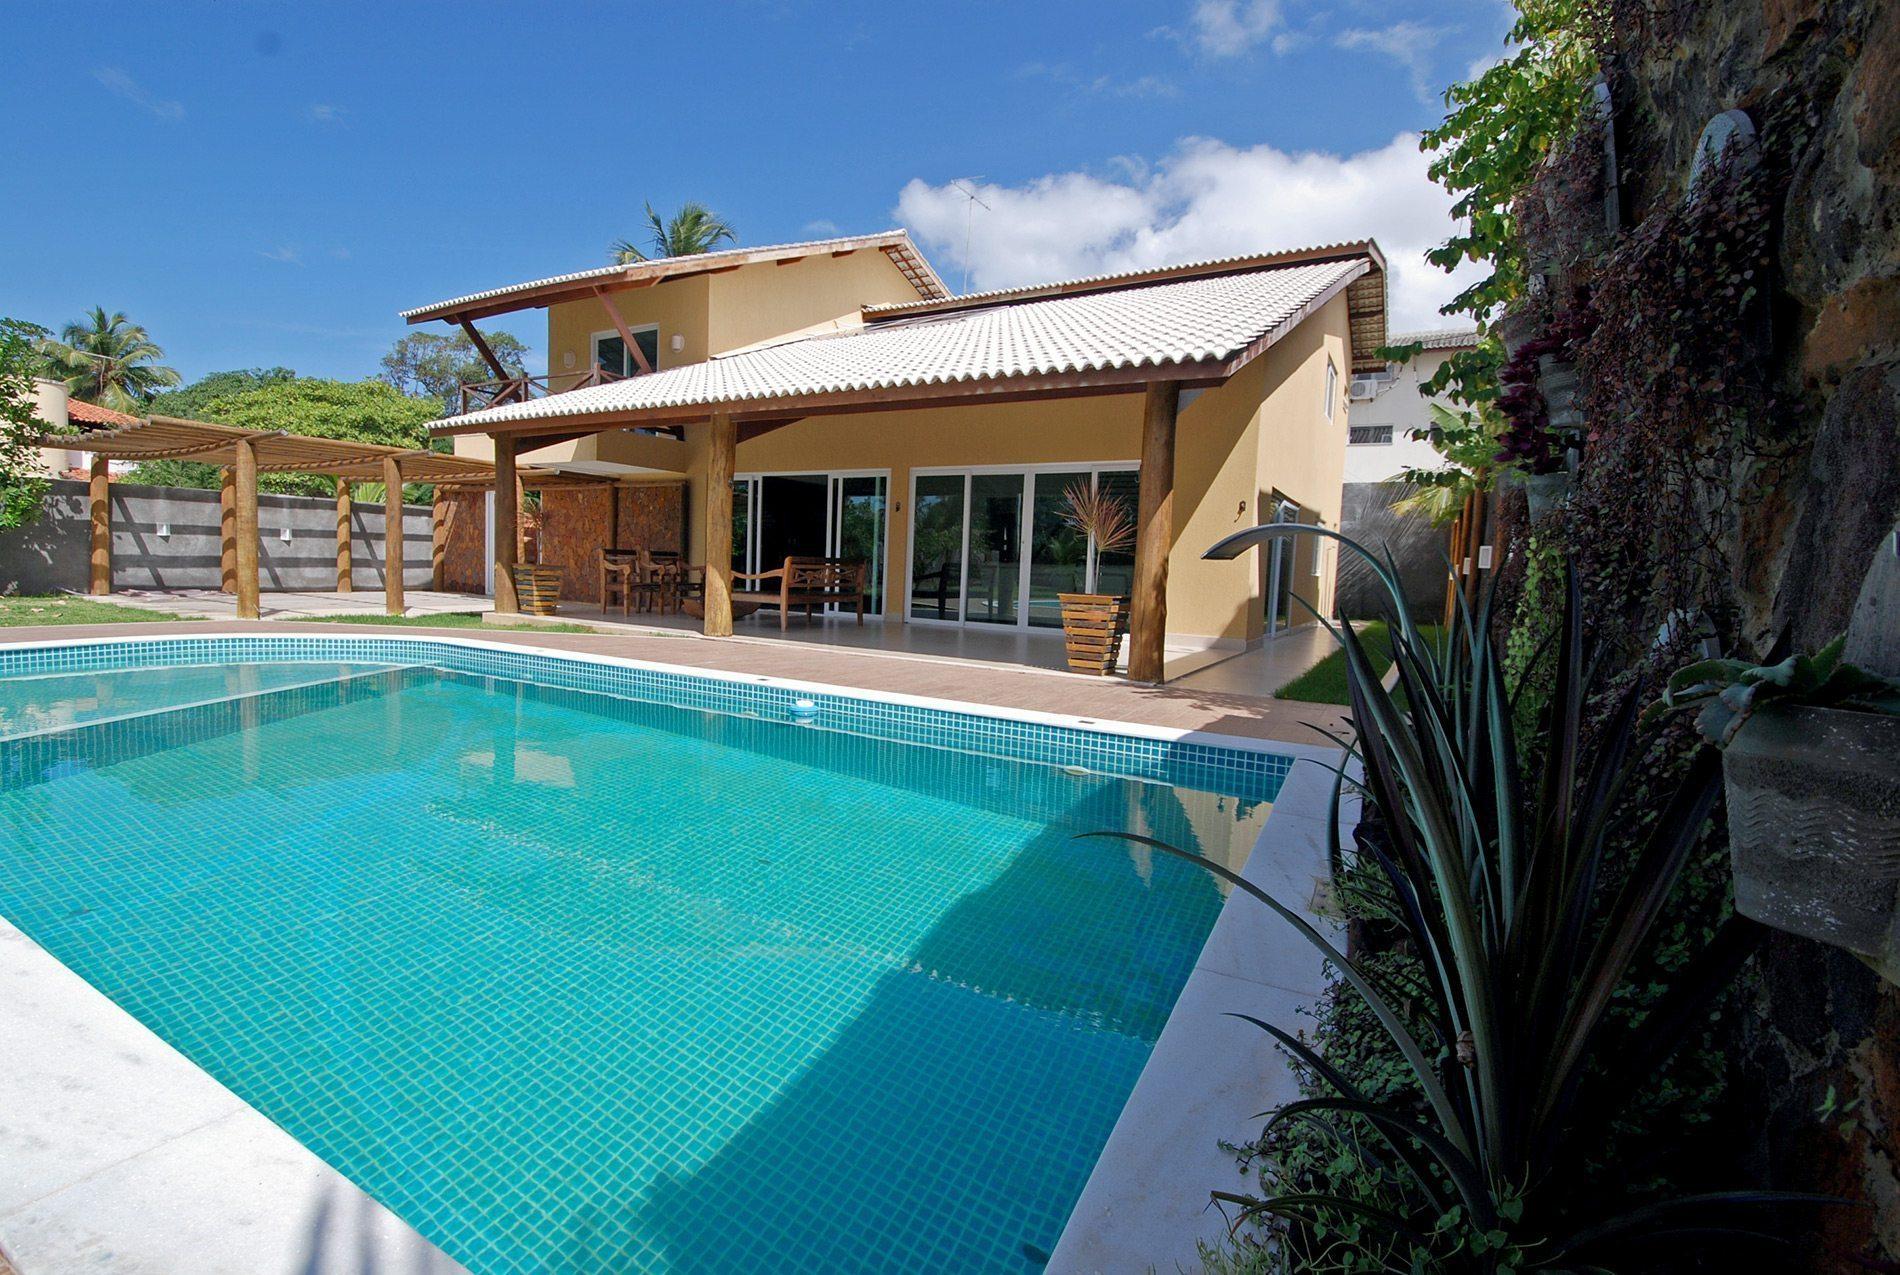 House for sale near the beach Itacimirim